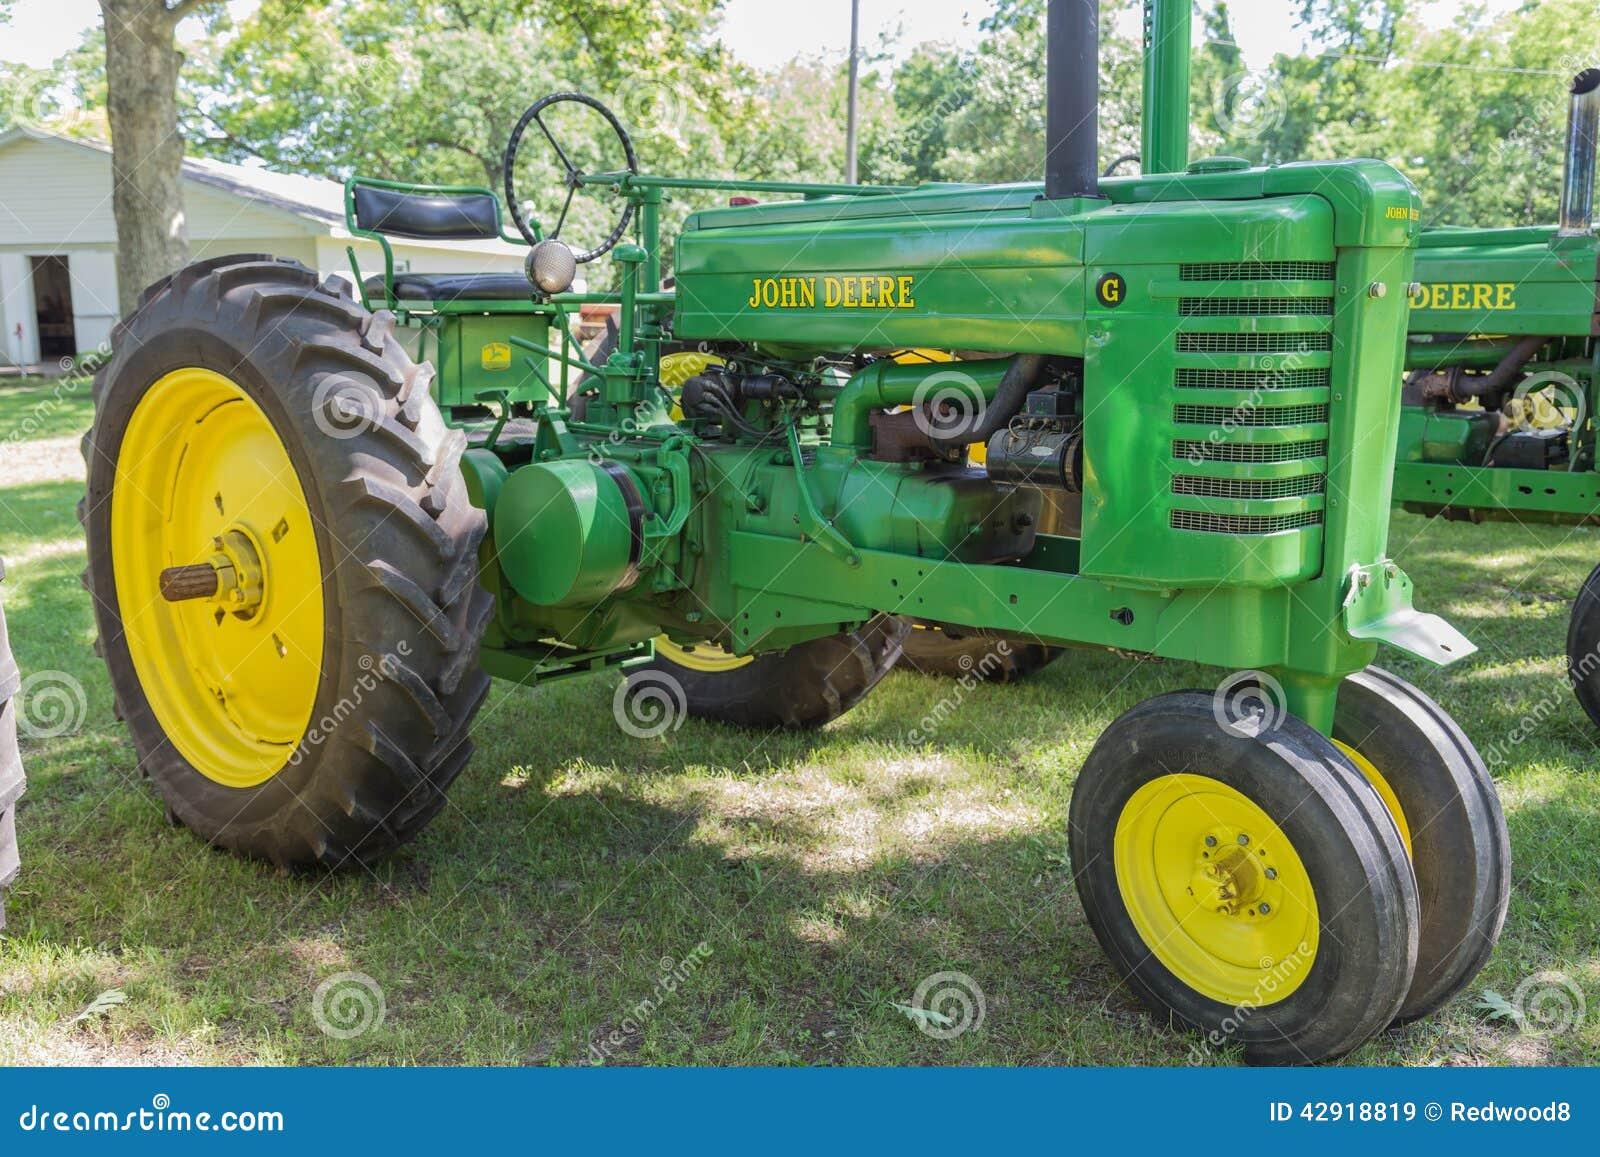 Old John Deere Tractors : Vintage john deere model g farm tractor editorial stock